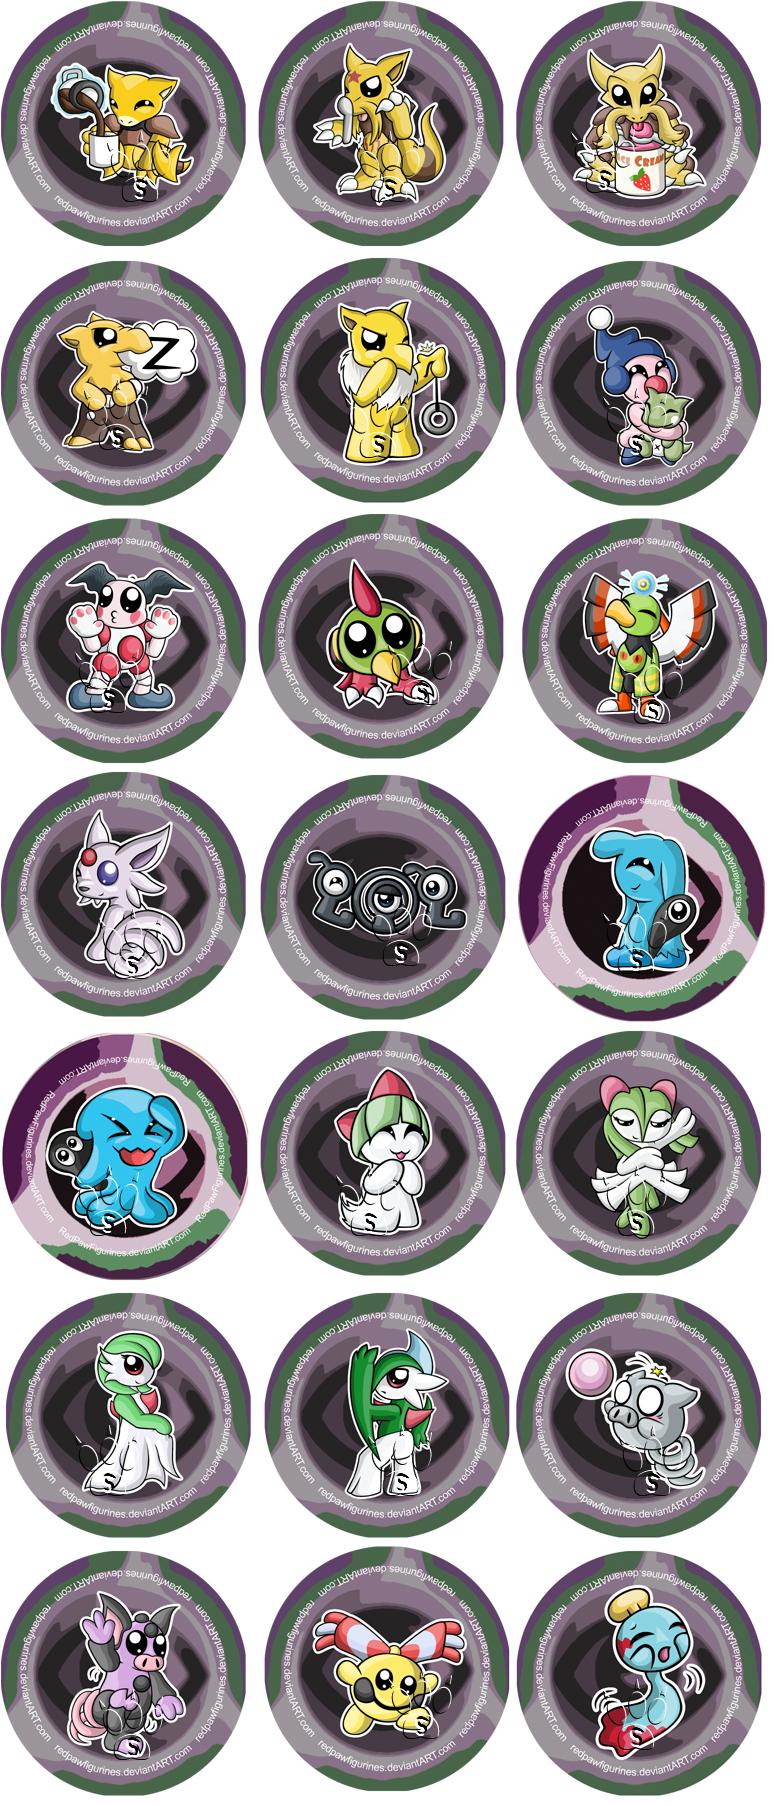 Pokemon Psychic Logo Images | Pokemon Images